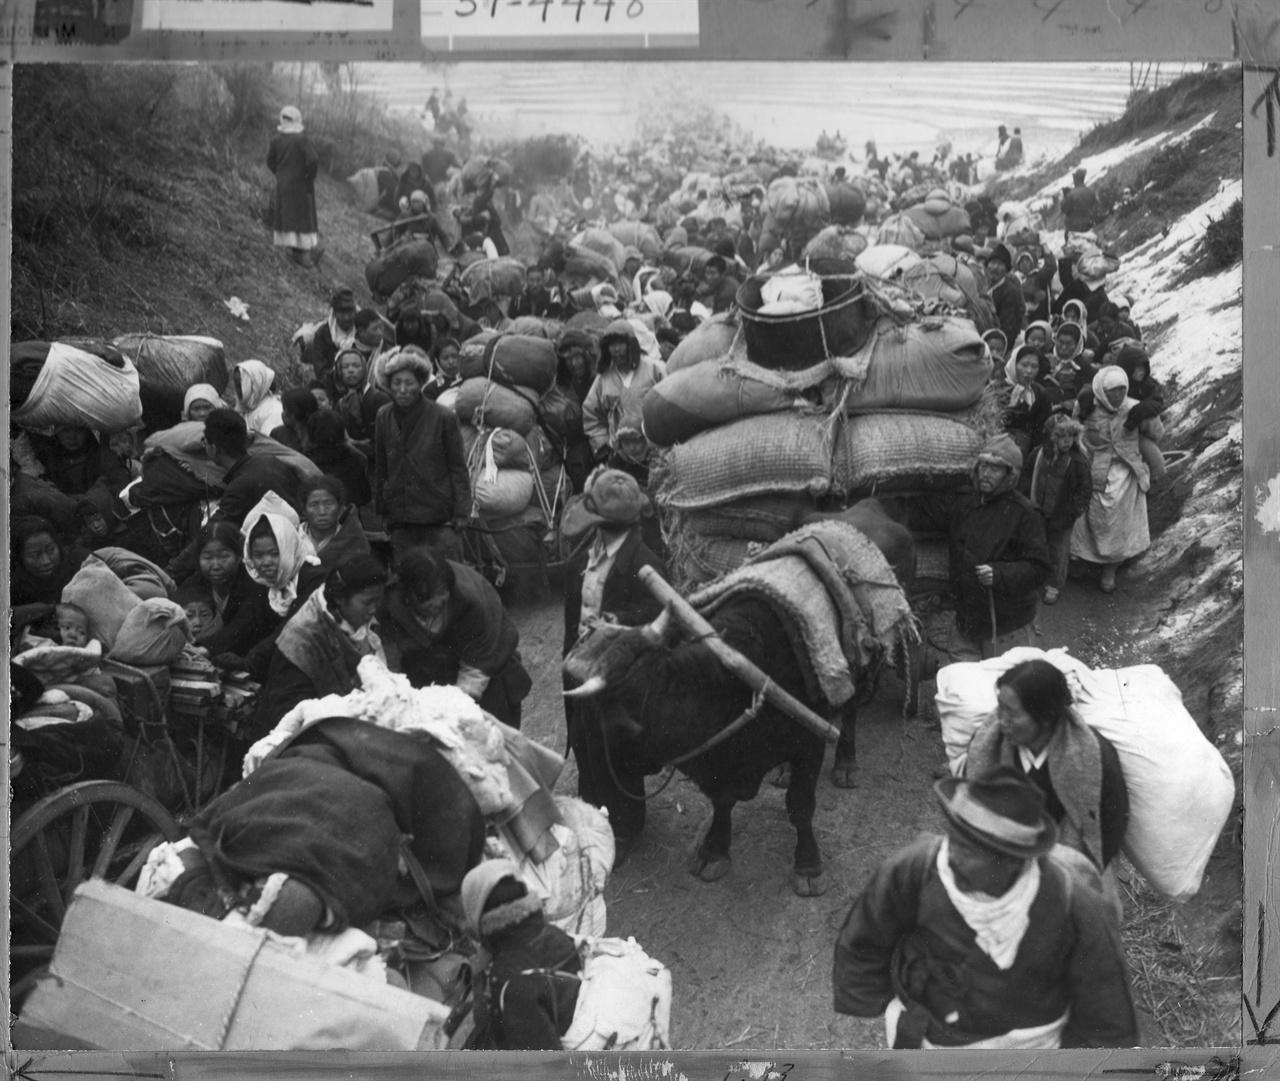 1951. 1. 1.4 후퇴 피란민 행렬로 고갯길에서 사람과 소달구지가 뒤섞인 채 아수라장이 되었다.